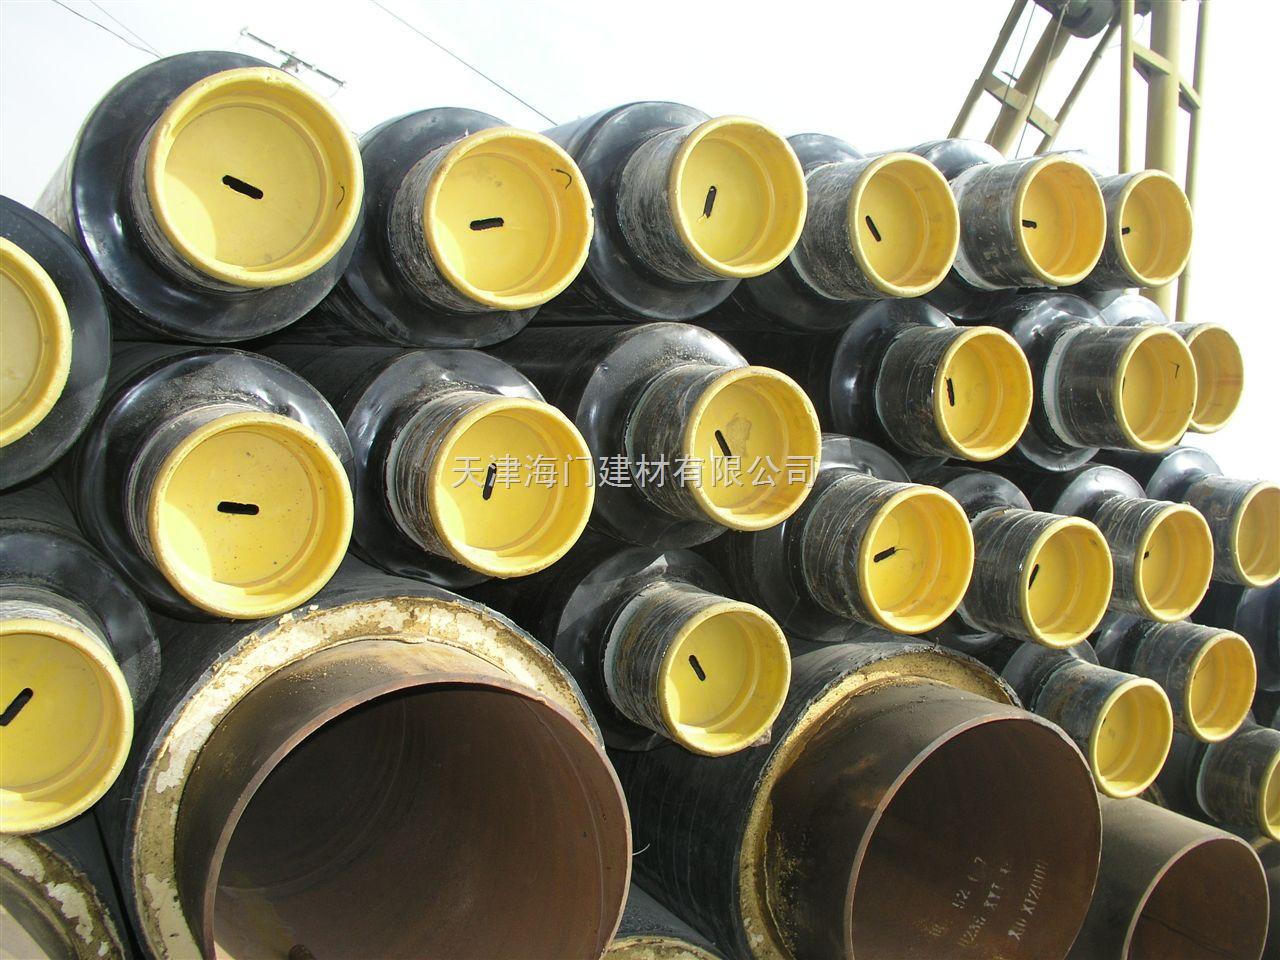 聚氨酯直埋管供应,预制聚氨酯直埋管厂家,生产聚氨酯直埋管